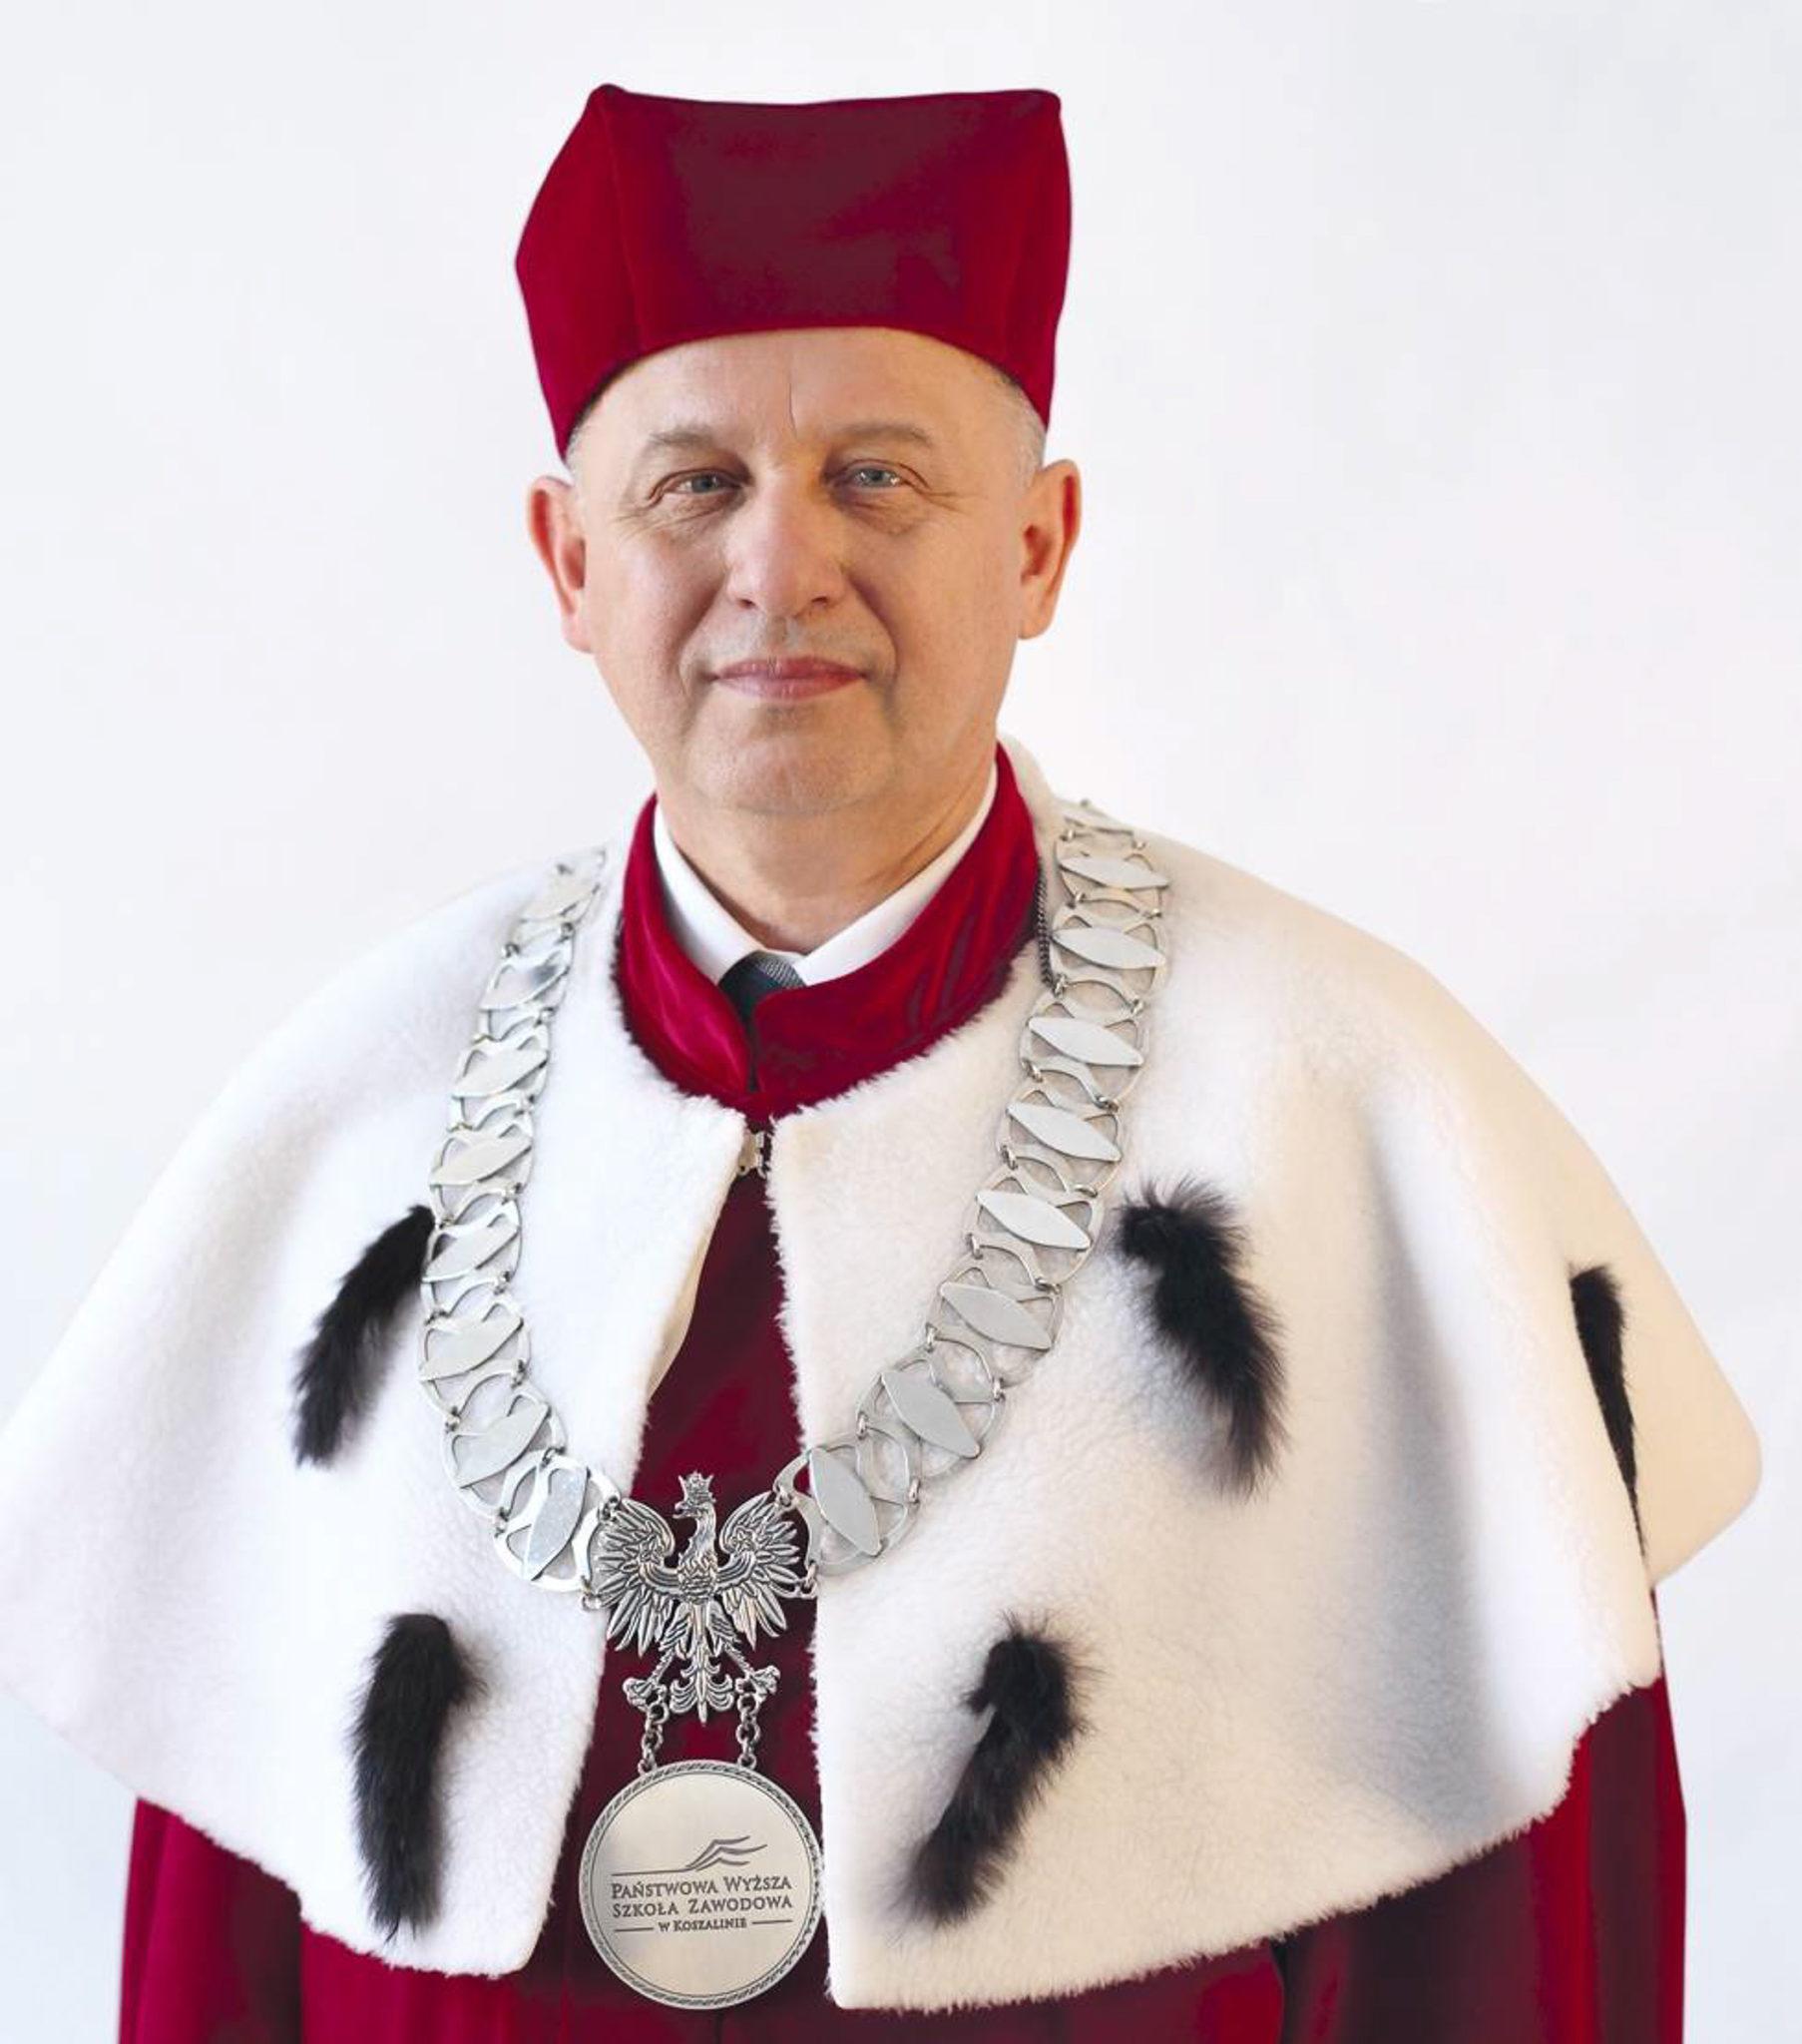 Jan Kuriata